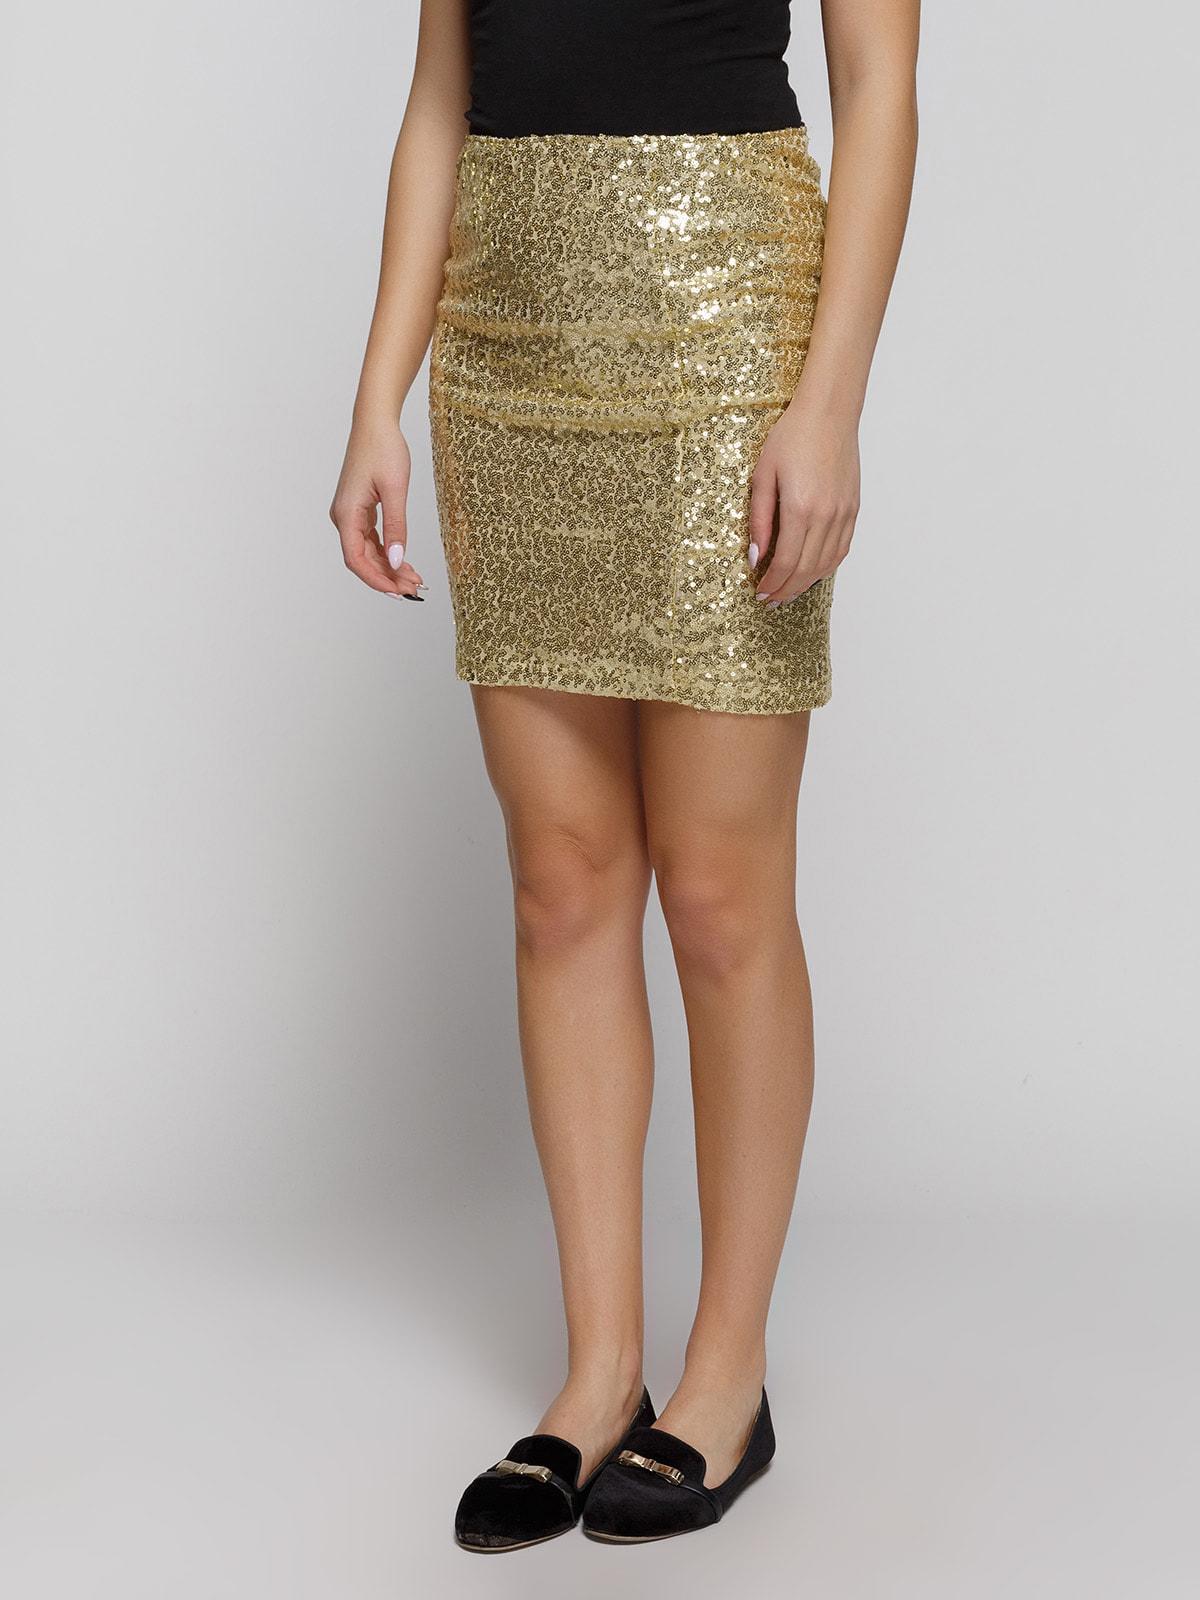 Юбка золотистого цвета с декором | 4630531